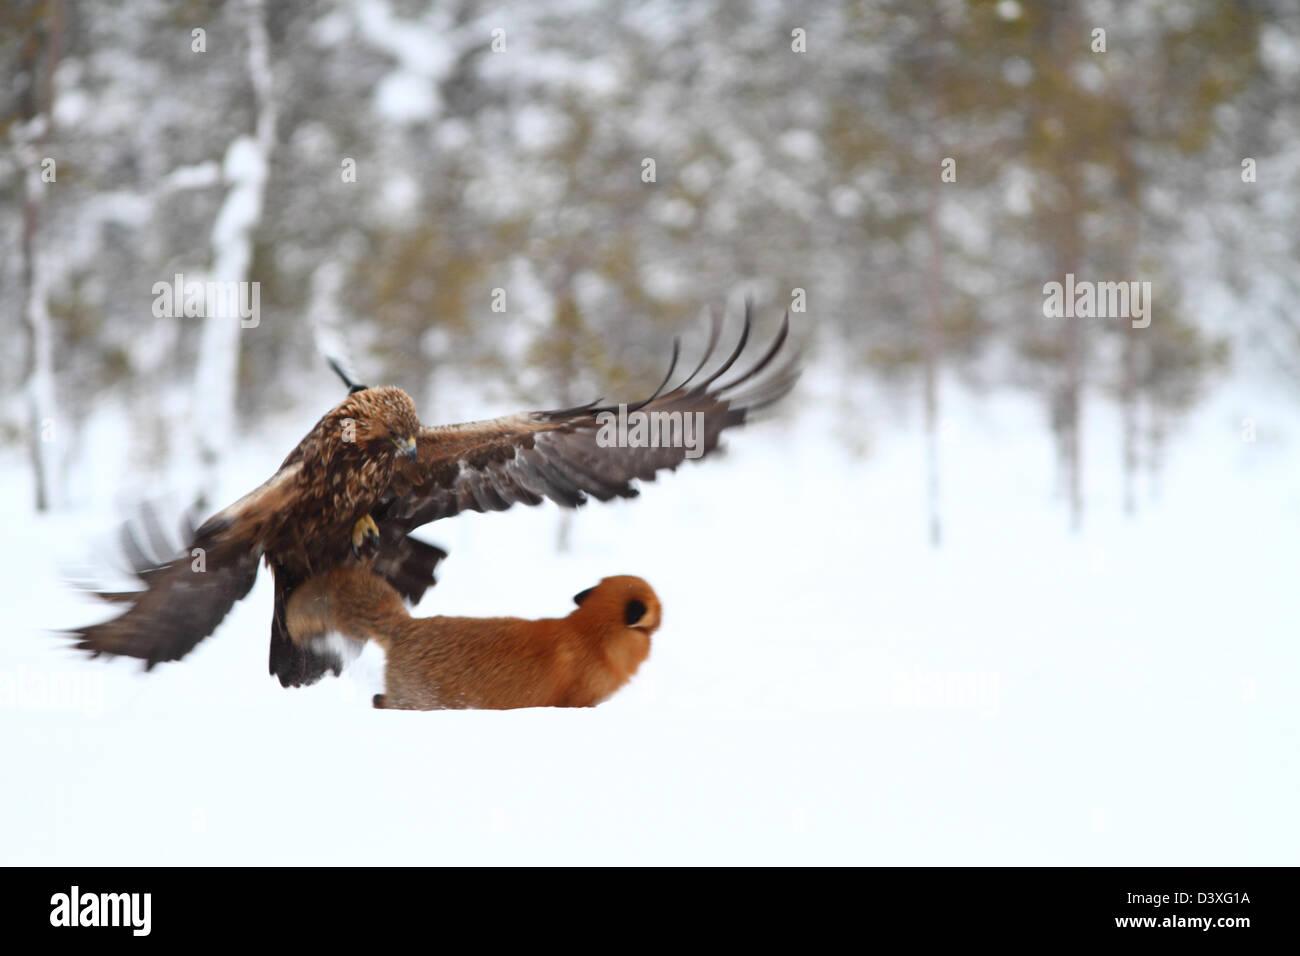 golden-eagle-aquila-chrysaetos-attacking